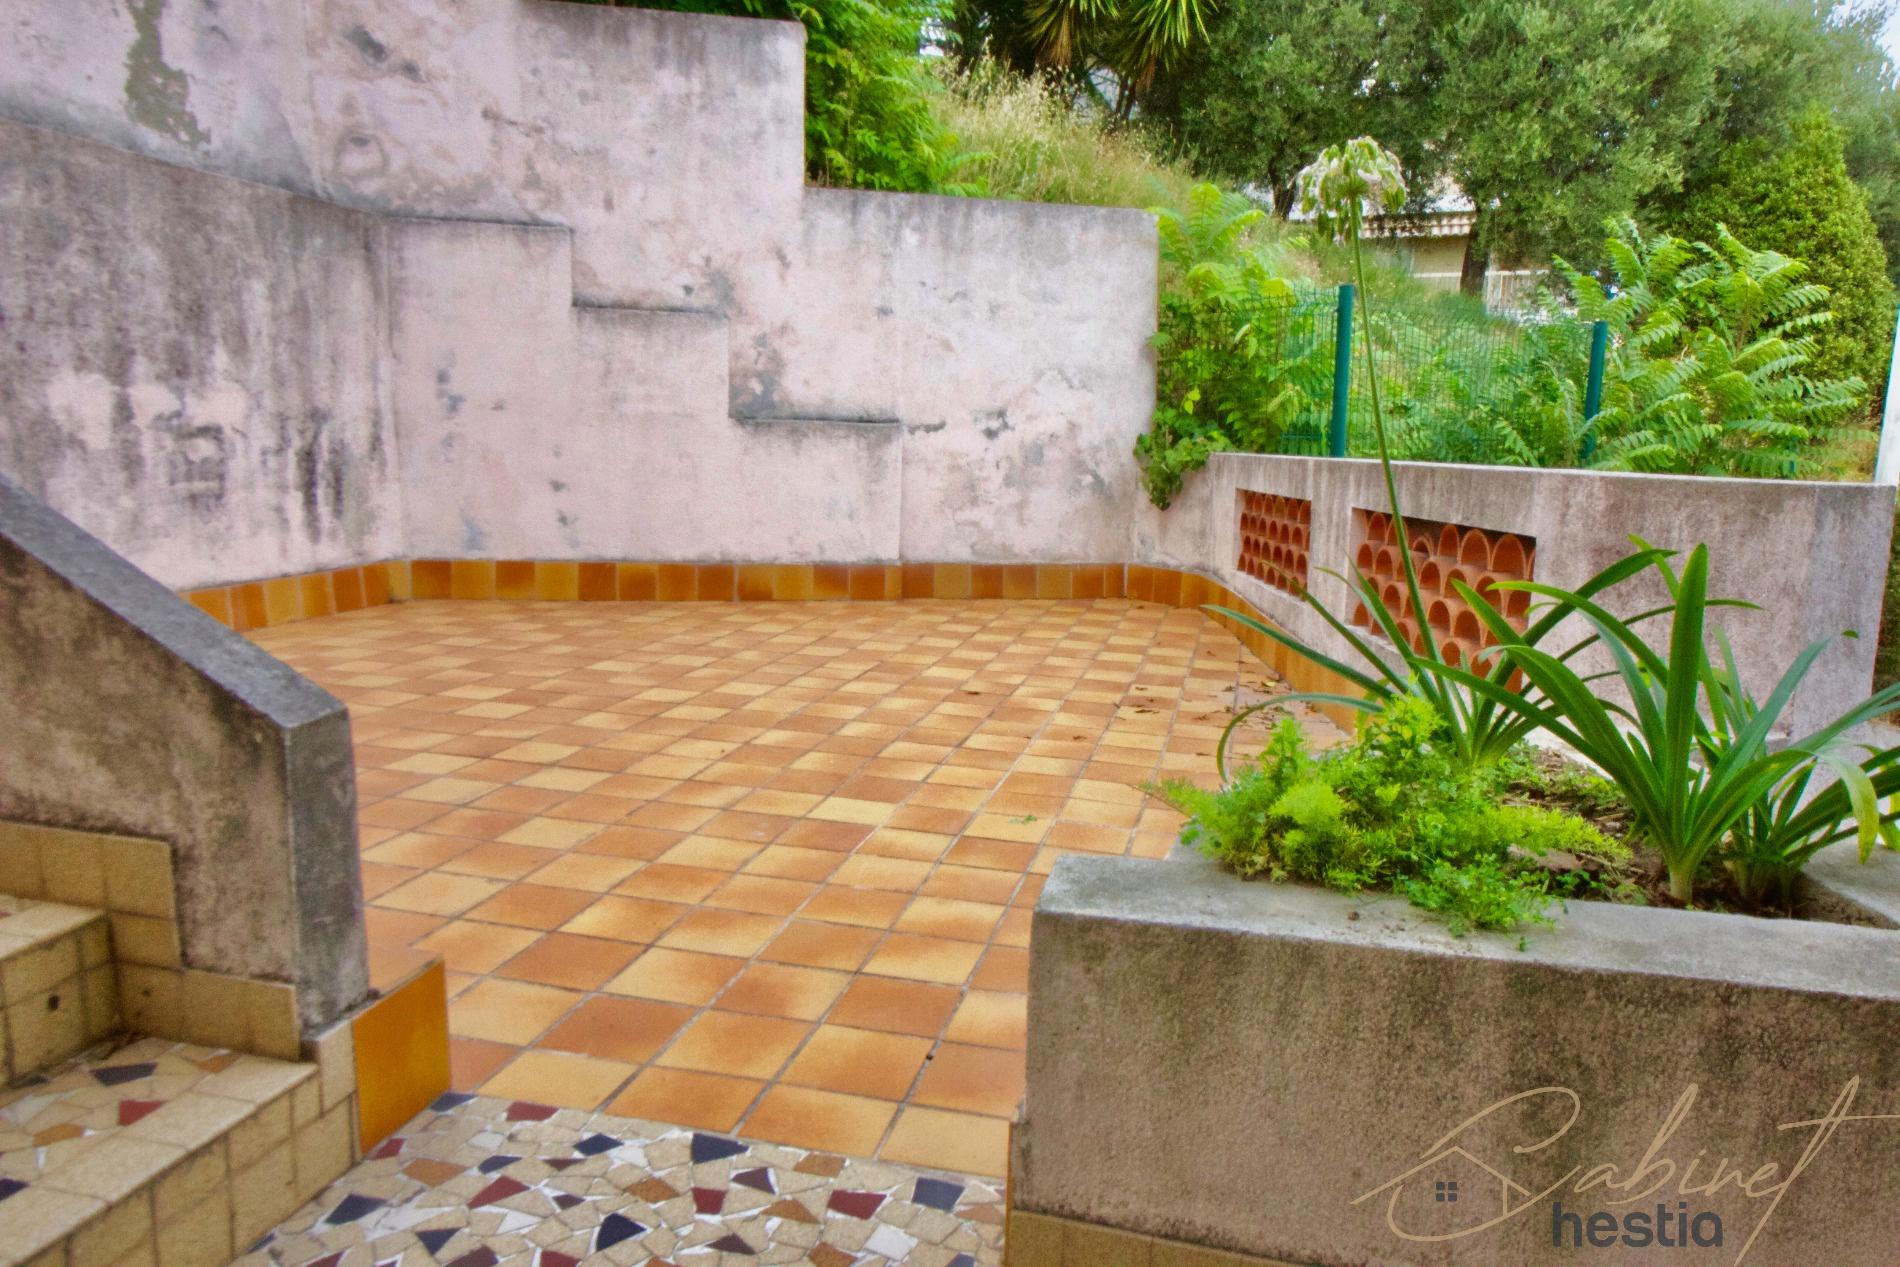 Vente nice hauteurs mantega maison 130 m2 for Acheter une maison a nice